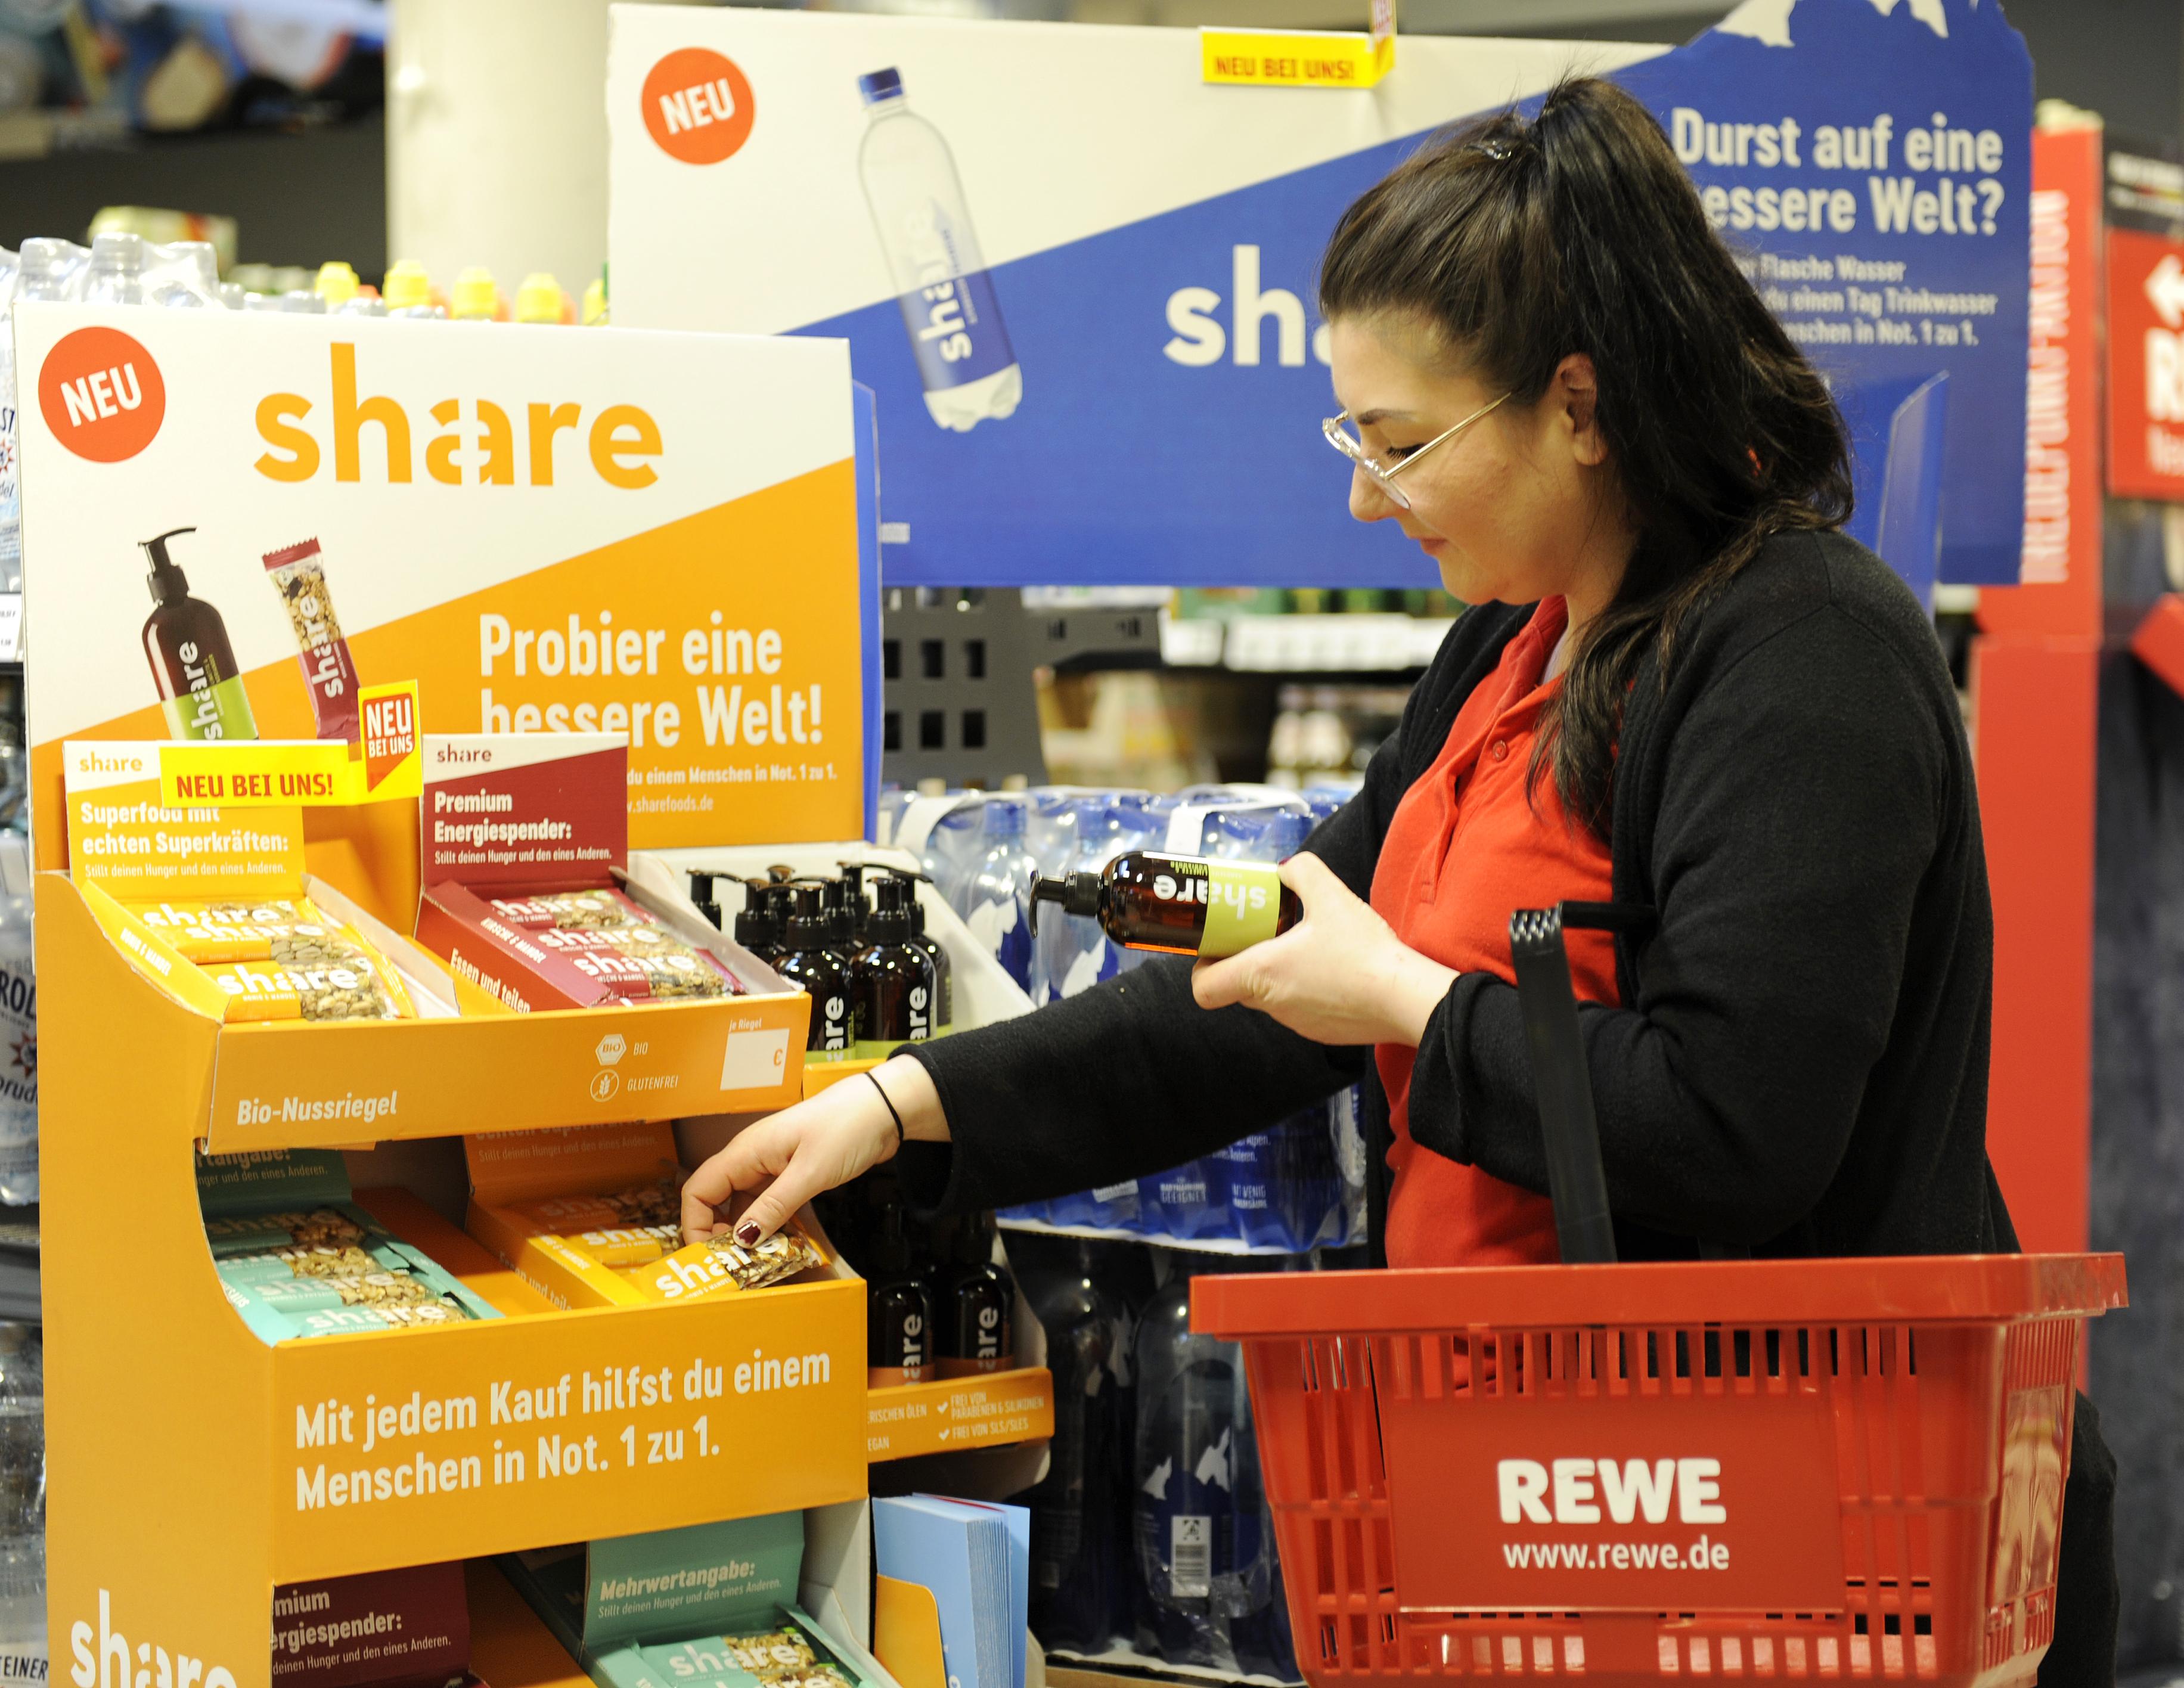 Rewe und DM starten Verkauf von Produkten der sozialen Marke